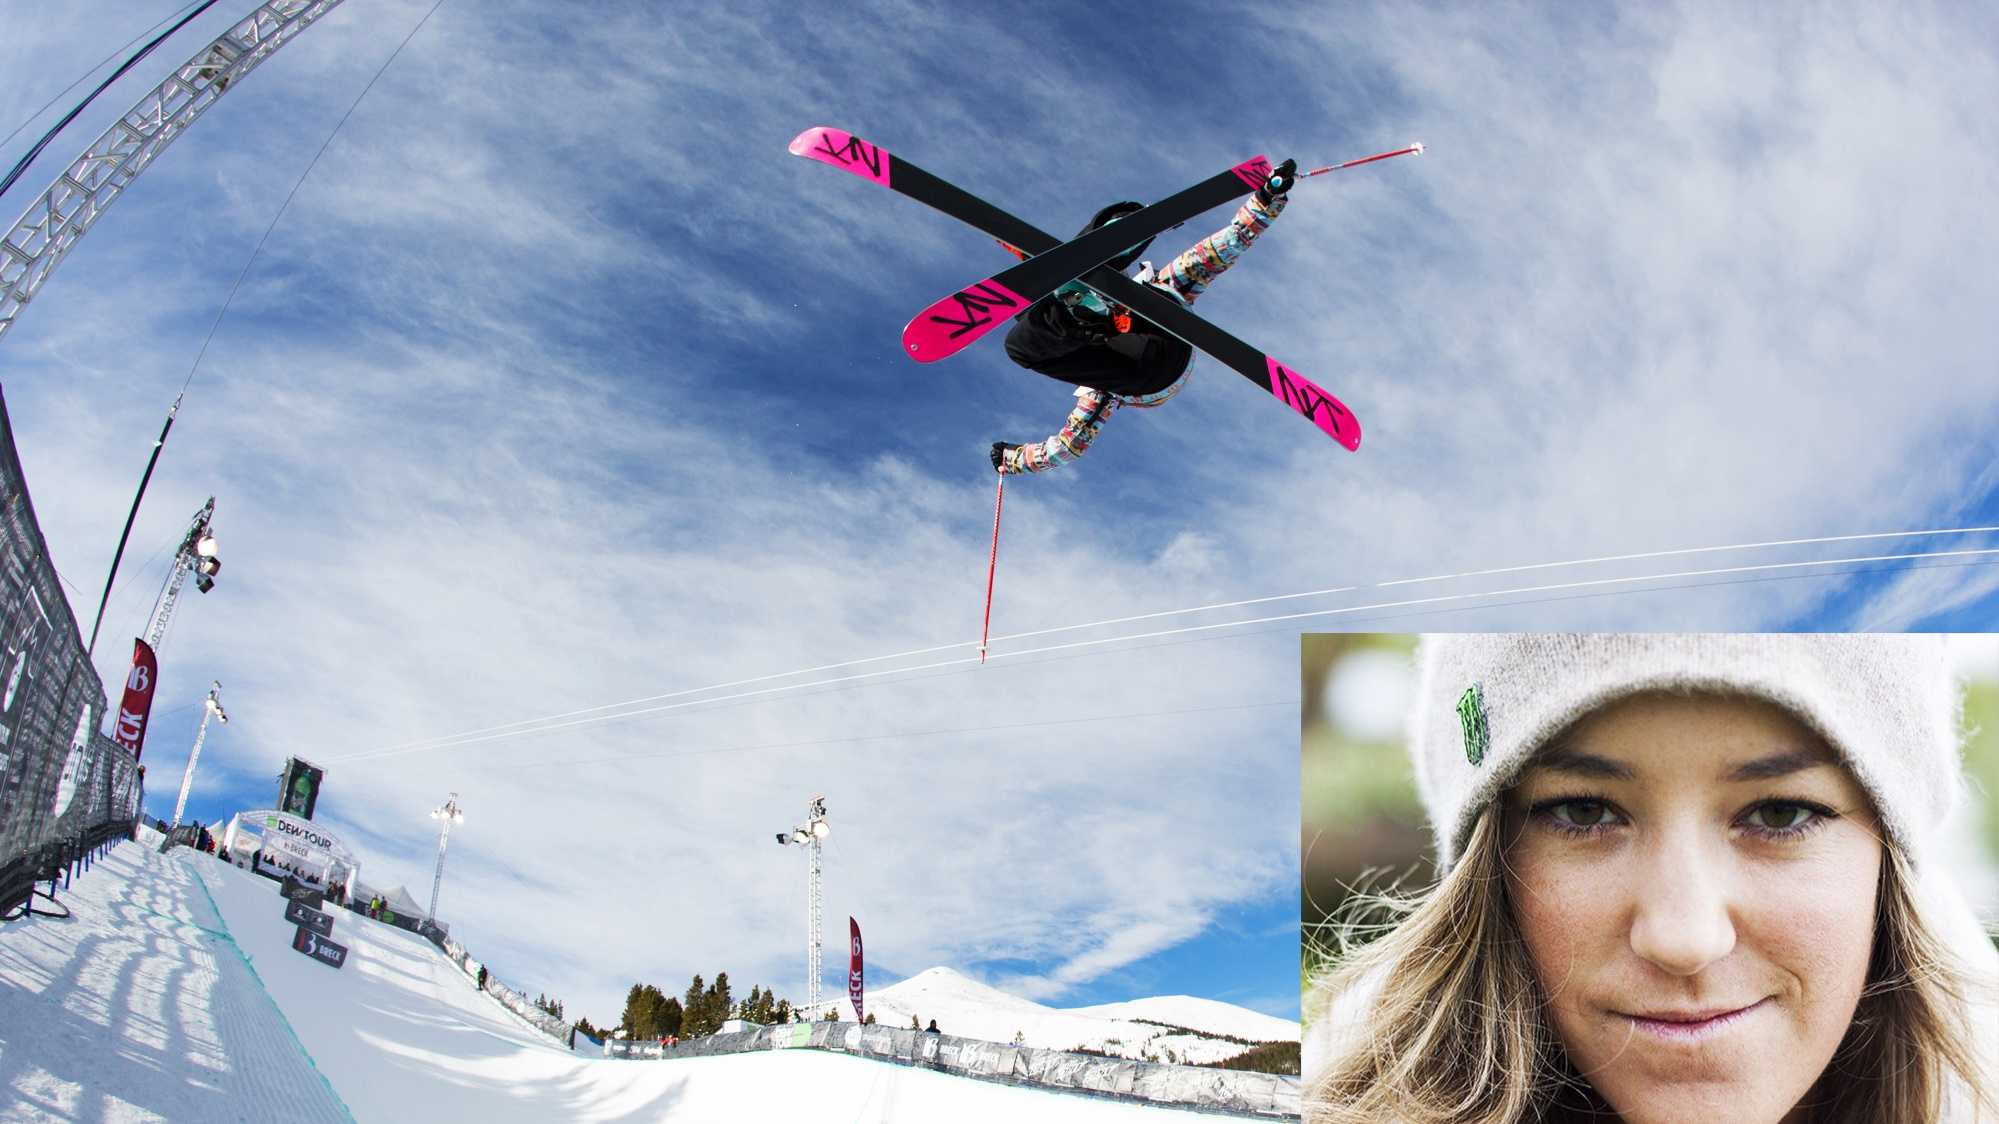 Halfpipe skier Brita Sigourney lives in Carmel.